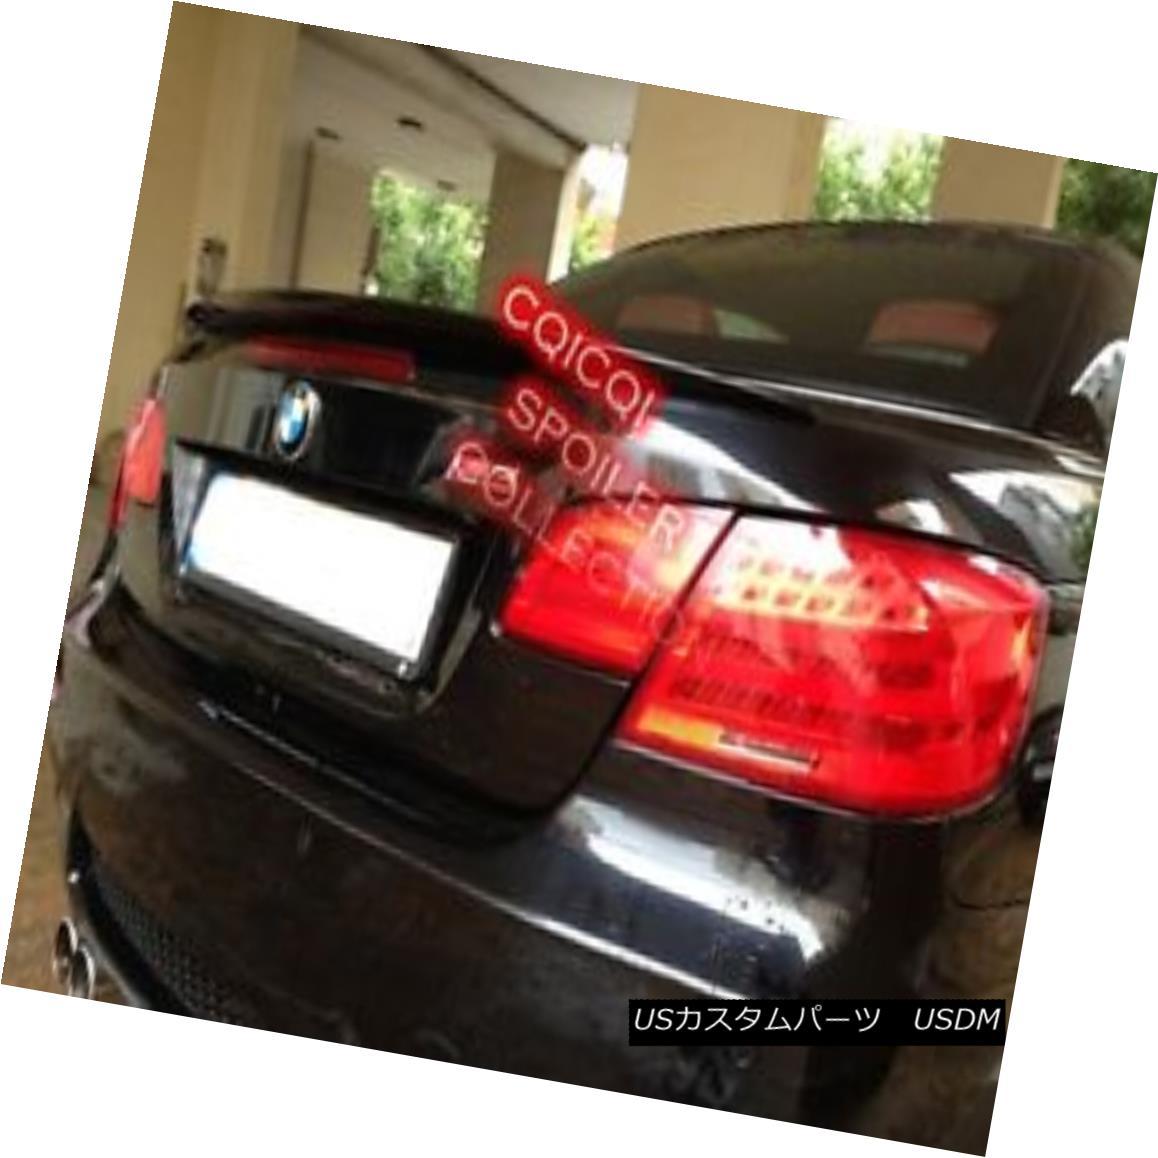 エアロパーツ Painted BMW 07~13 E93 3-series convertible Performance type trunk spoiler ◎ ペイントされたBMW 07?13 E93 3シリーズコンバーチブルパフォーマンスタイプのトランク・スポイラー?